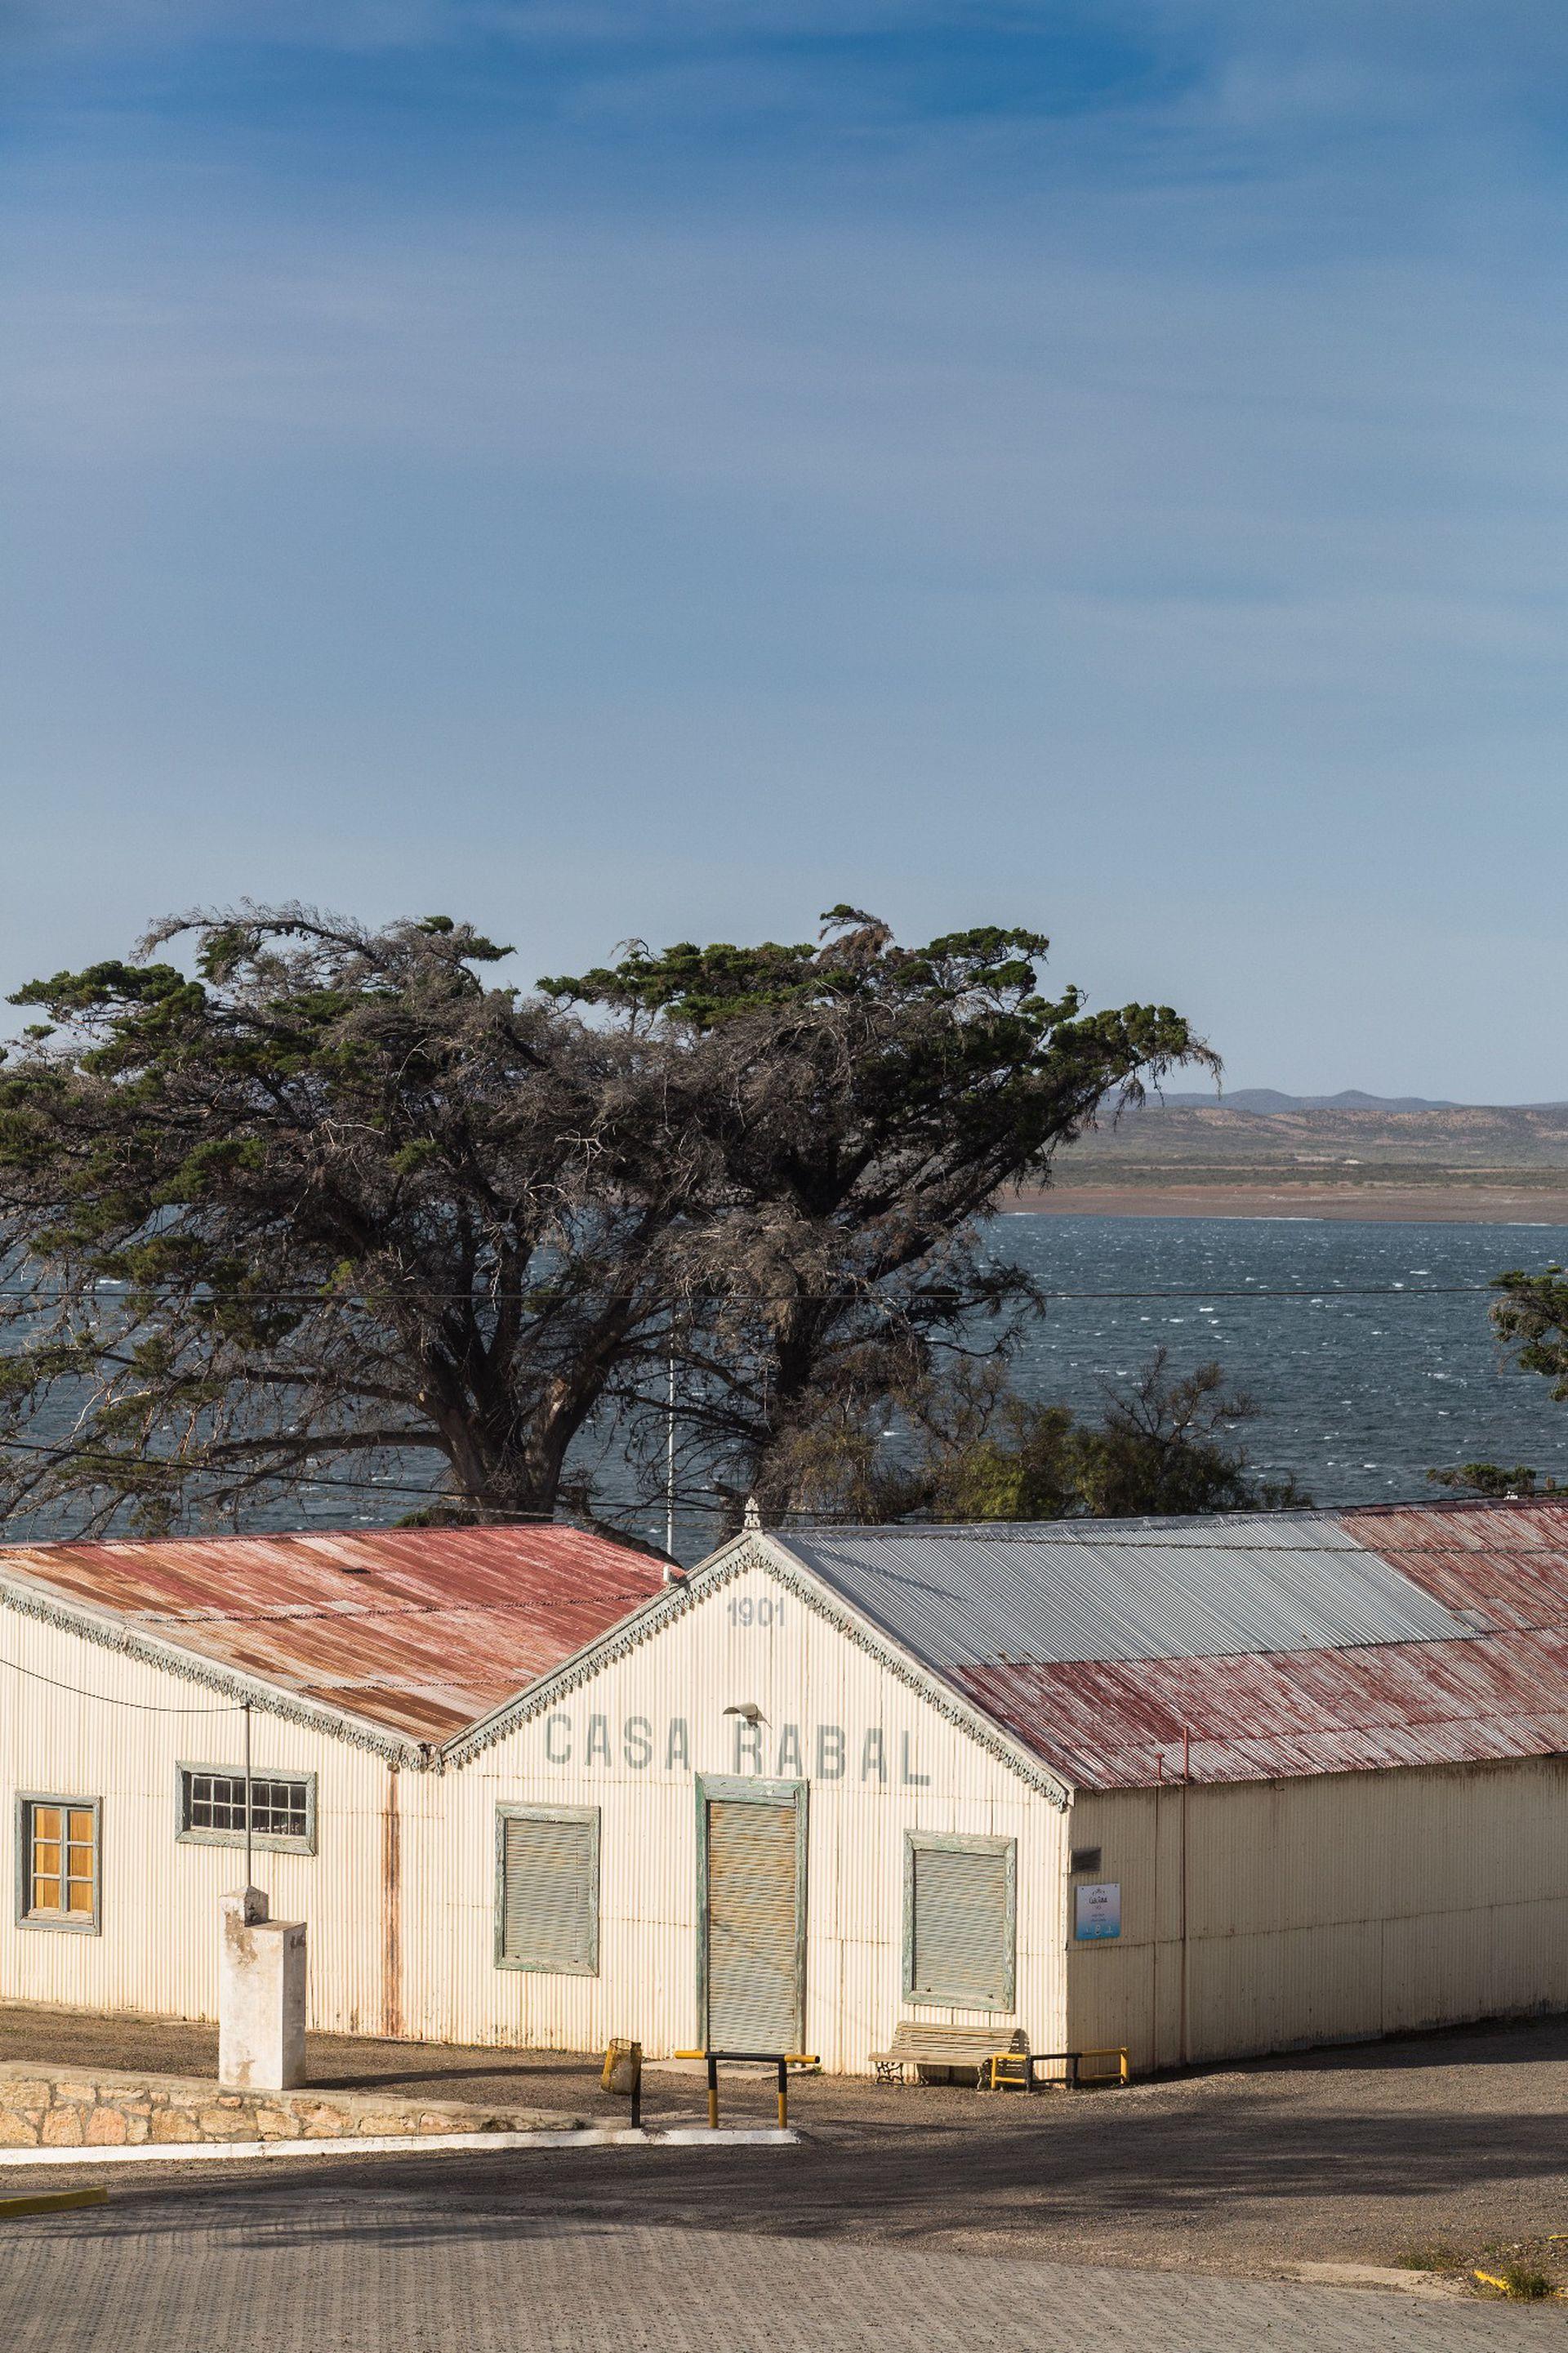 Casa Rabal, almacén de ramos generales y atractivo turístico de Camarones. Fue fundado por Asensio y Sáenz en 1901.